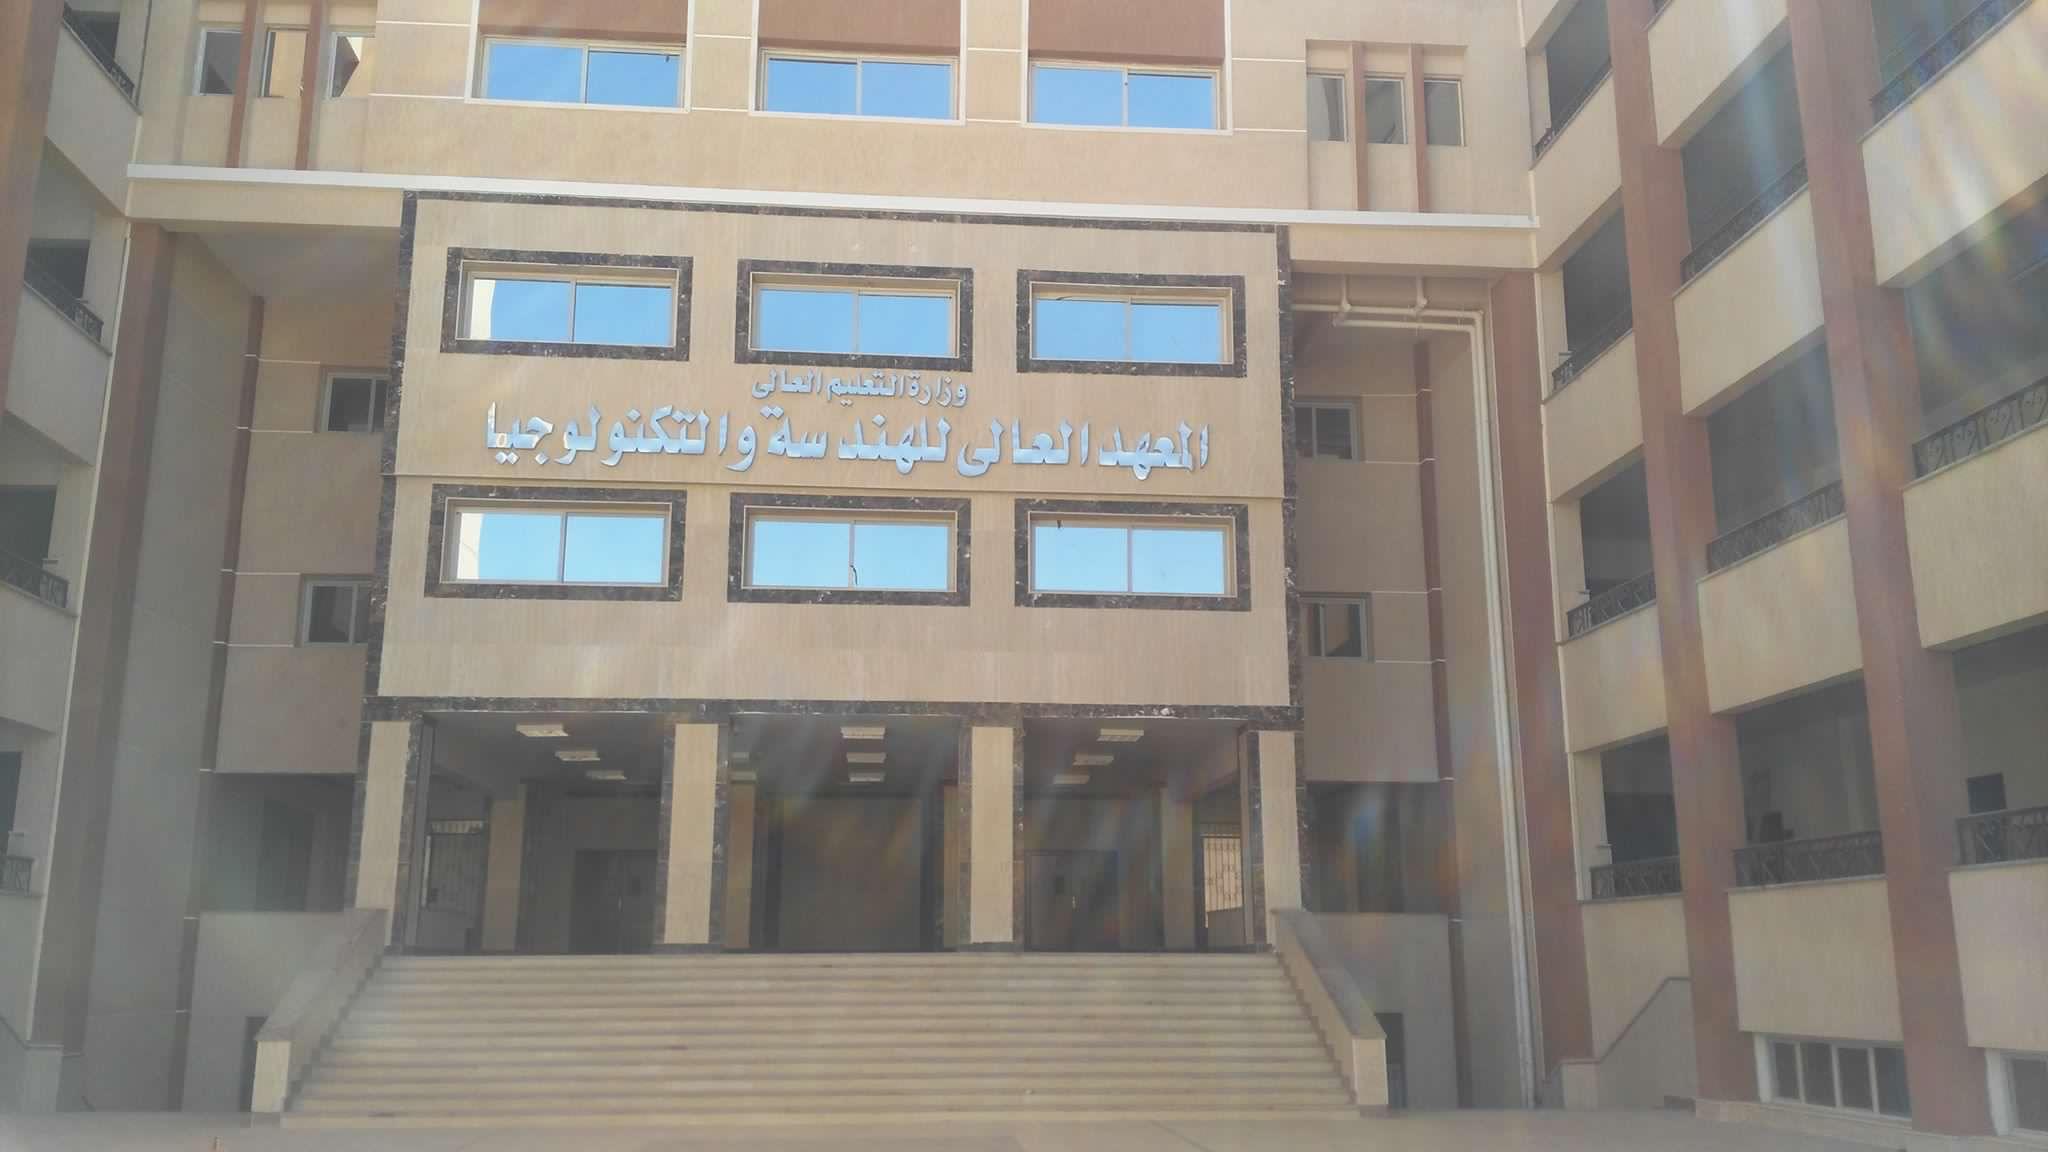 اسعار مصاريف معهد العاشر من رمضان للهندسة في مصر 2020